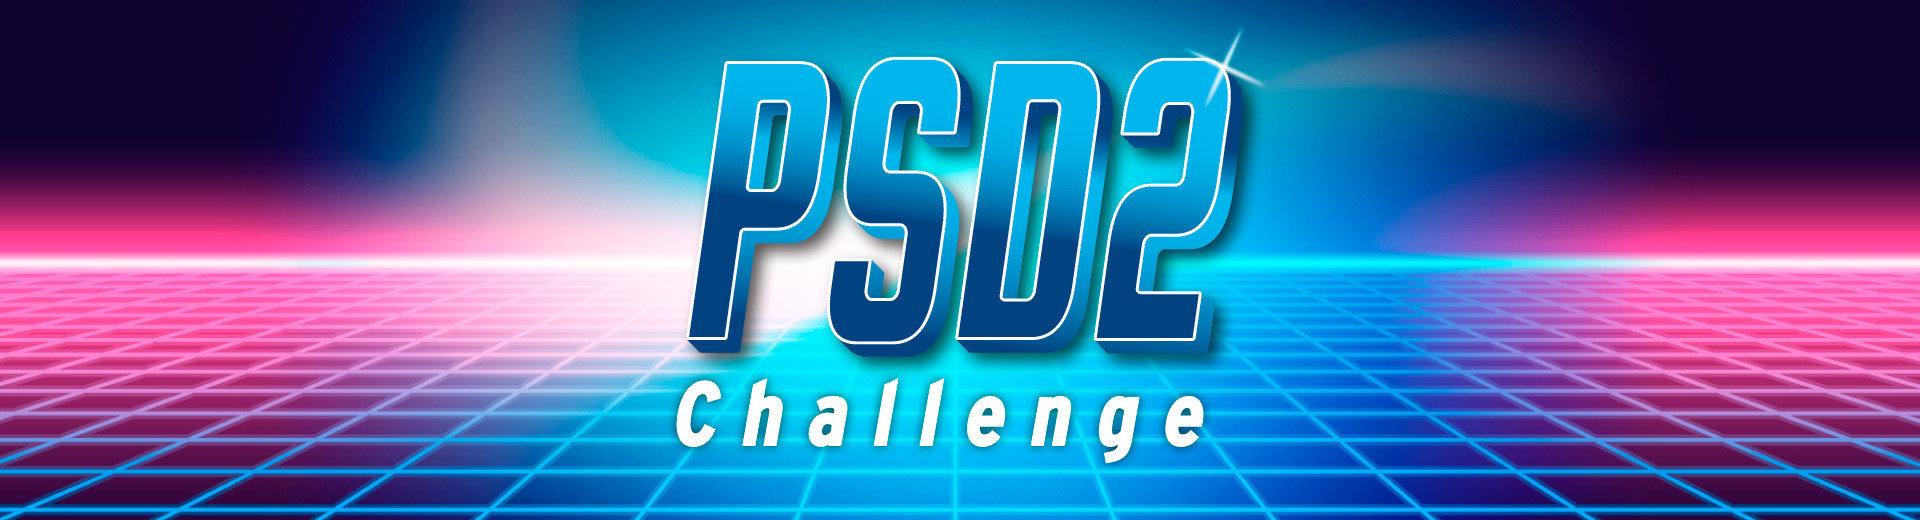 Weź udział w PSD2 Challenge w Citi Handlowy.